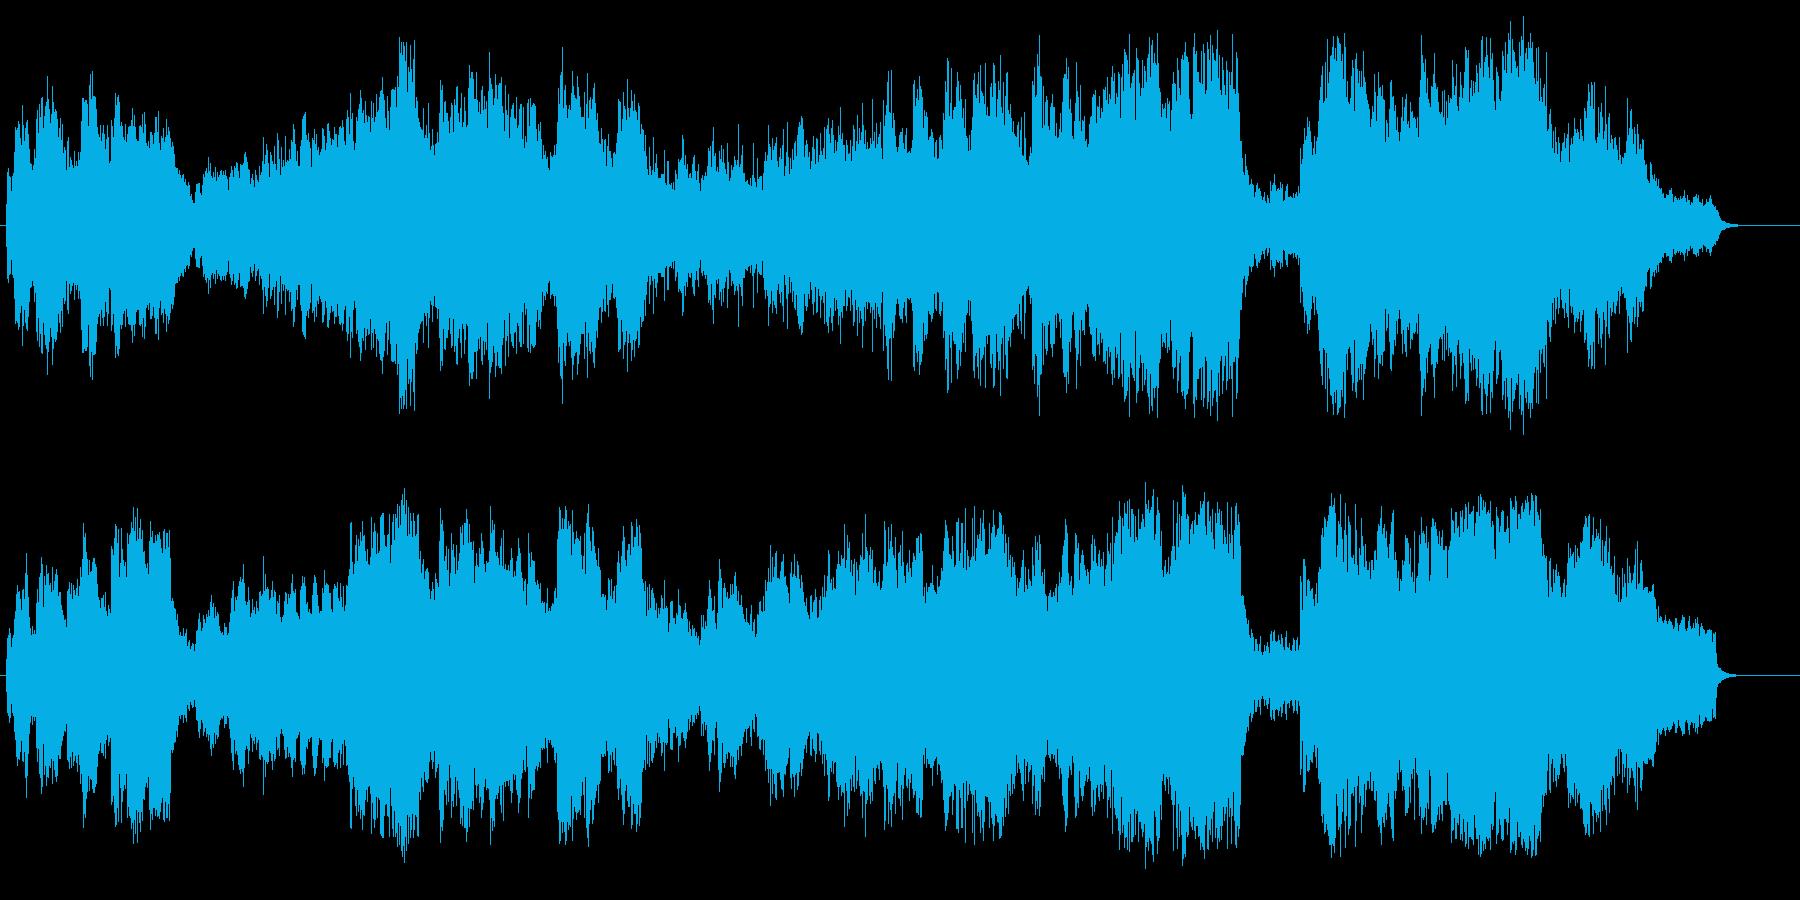 ストリングス効果によるフラットな映画音楽の再生済みの波形